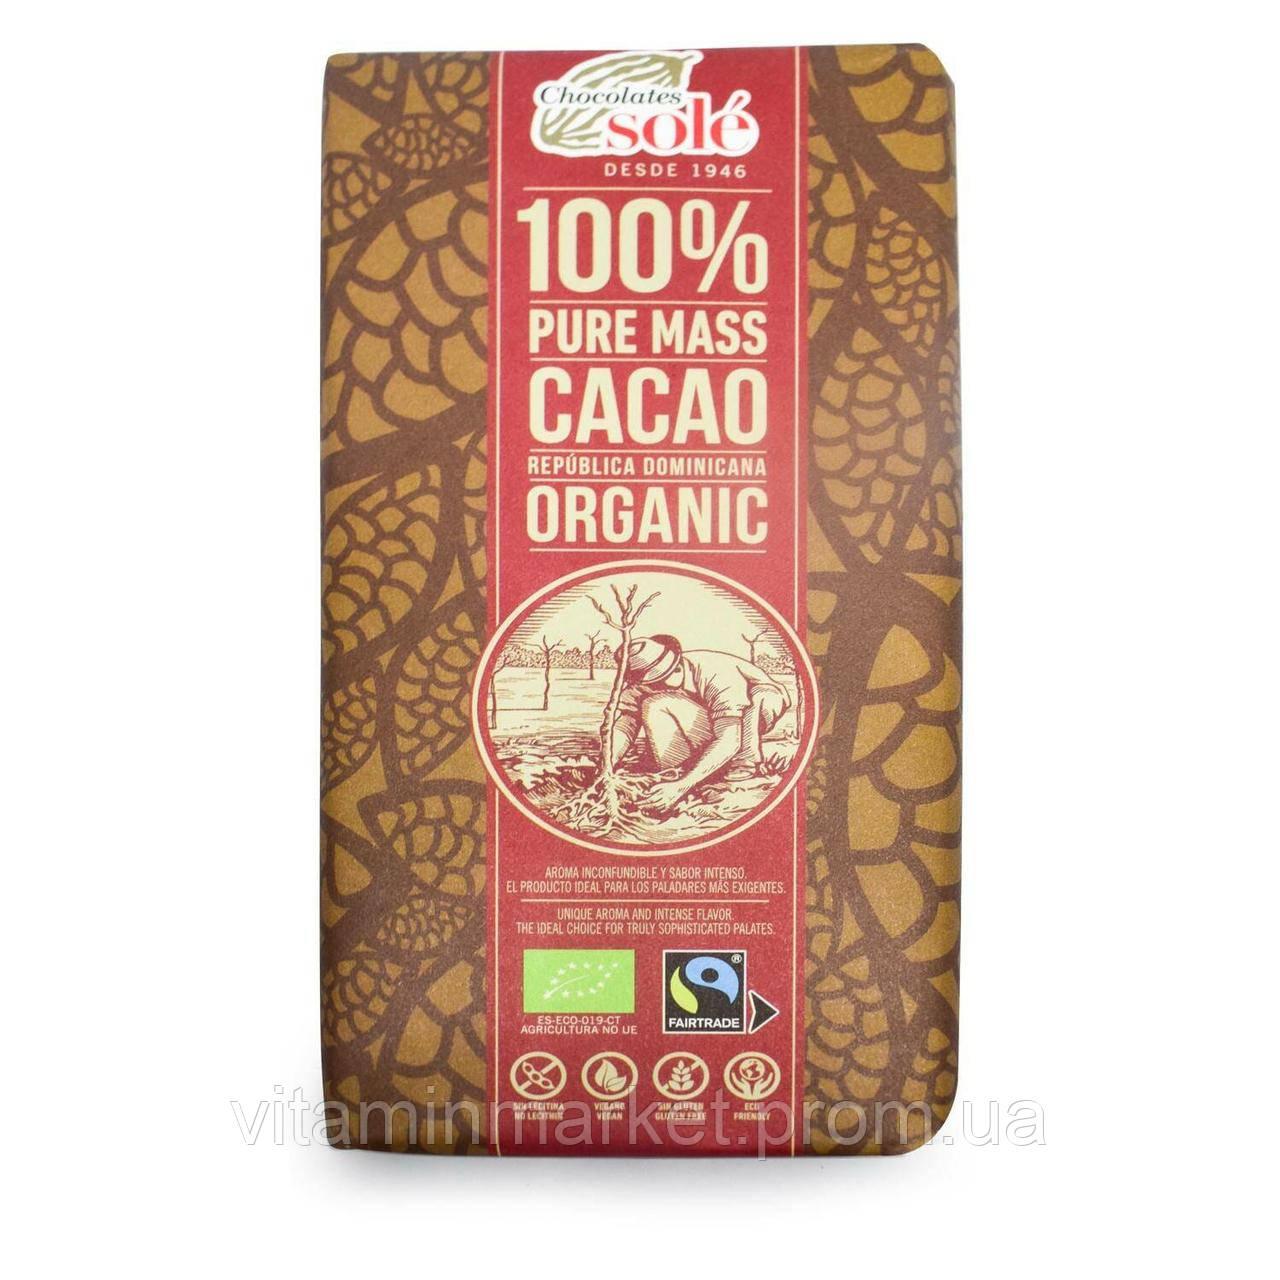 Шоколад чорний, 100% какао, «Chocolates Sole», 100 гр., ORGANIC